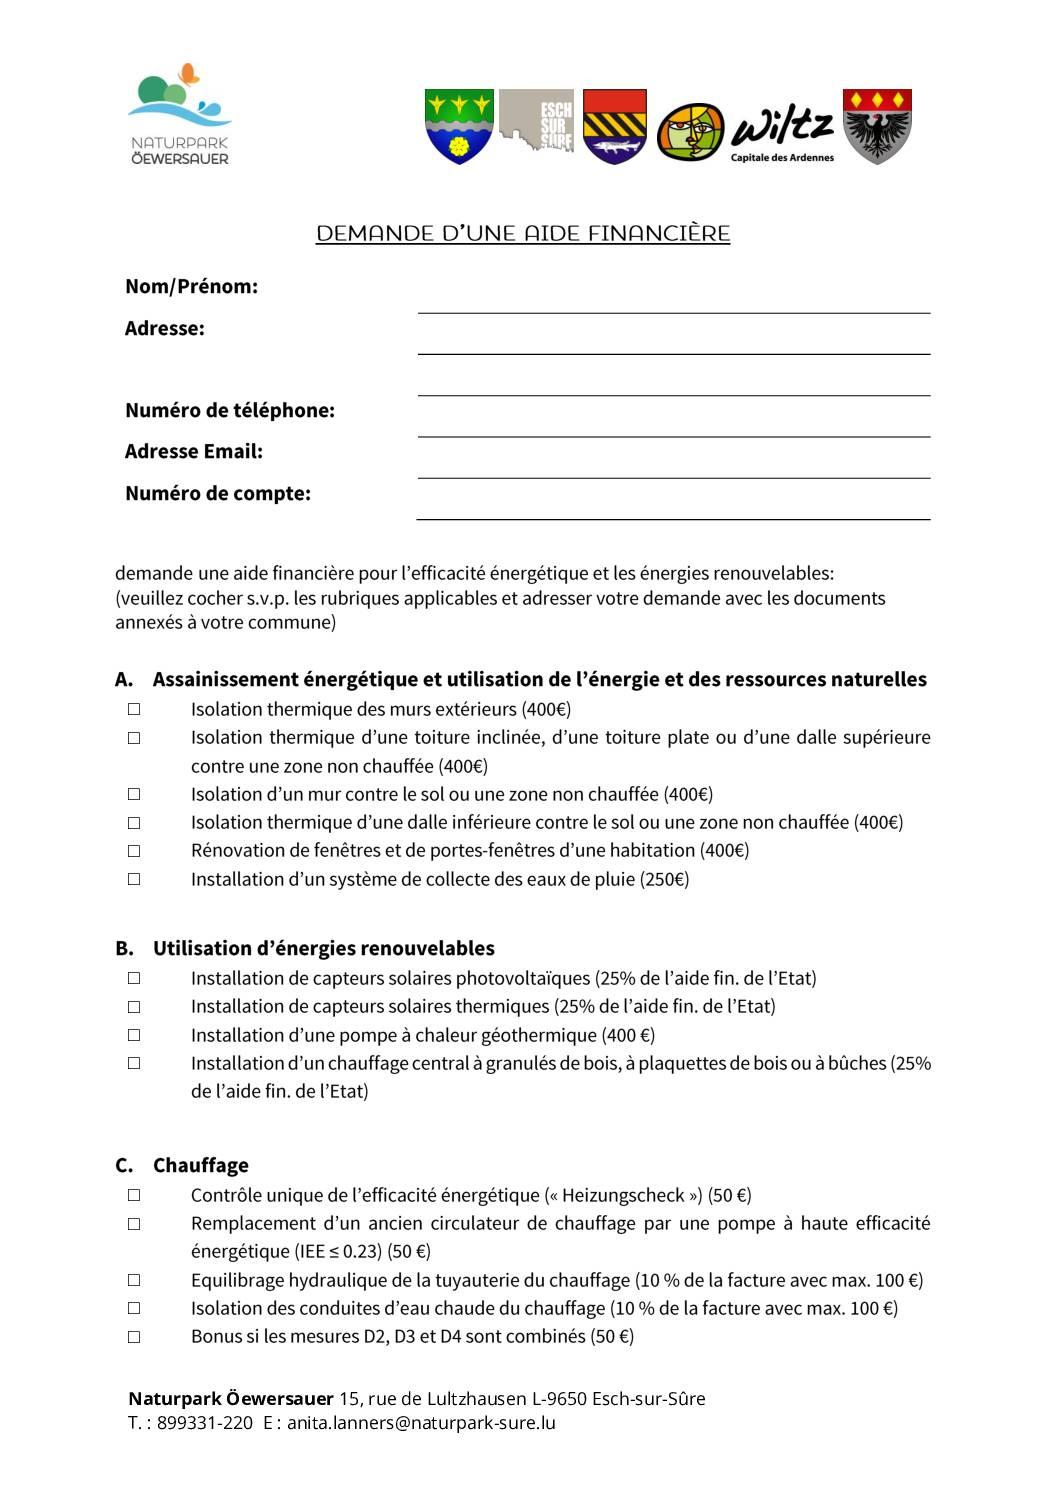 Formulaire : Demande d'une aide financière 2021 FR